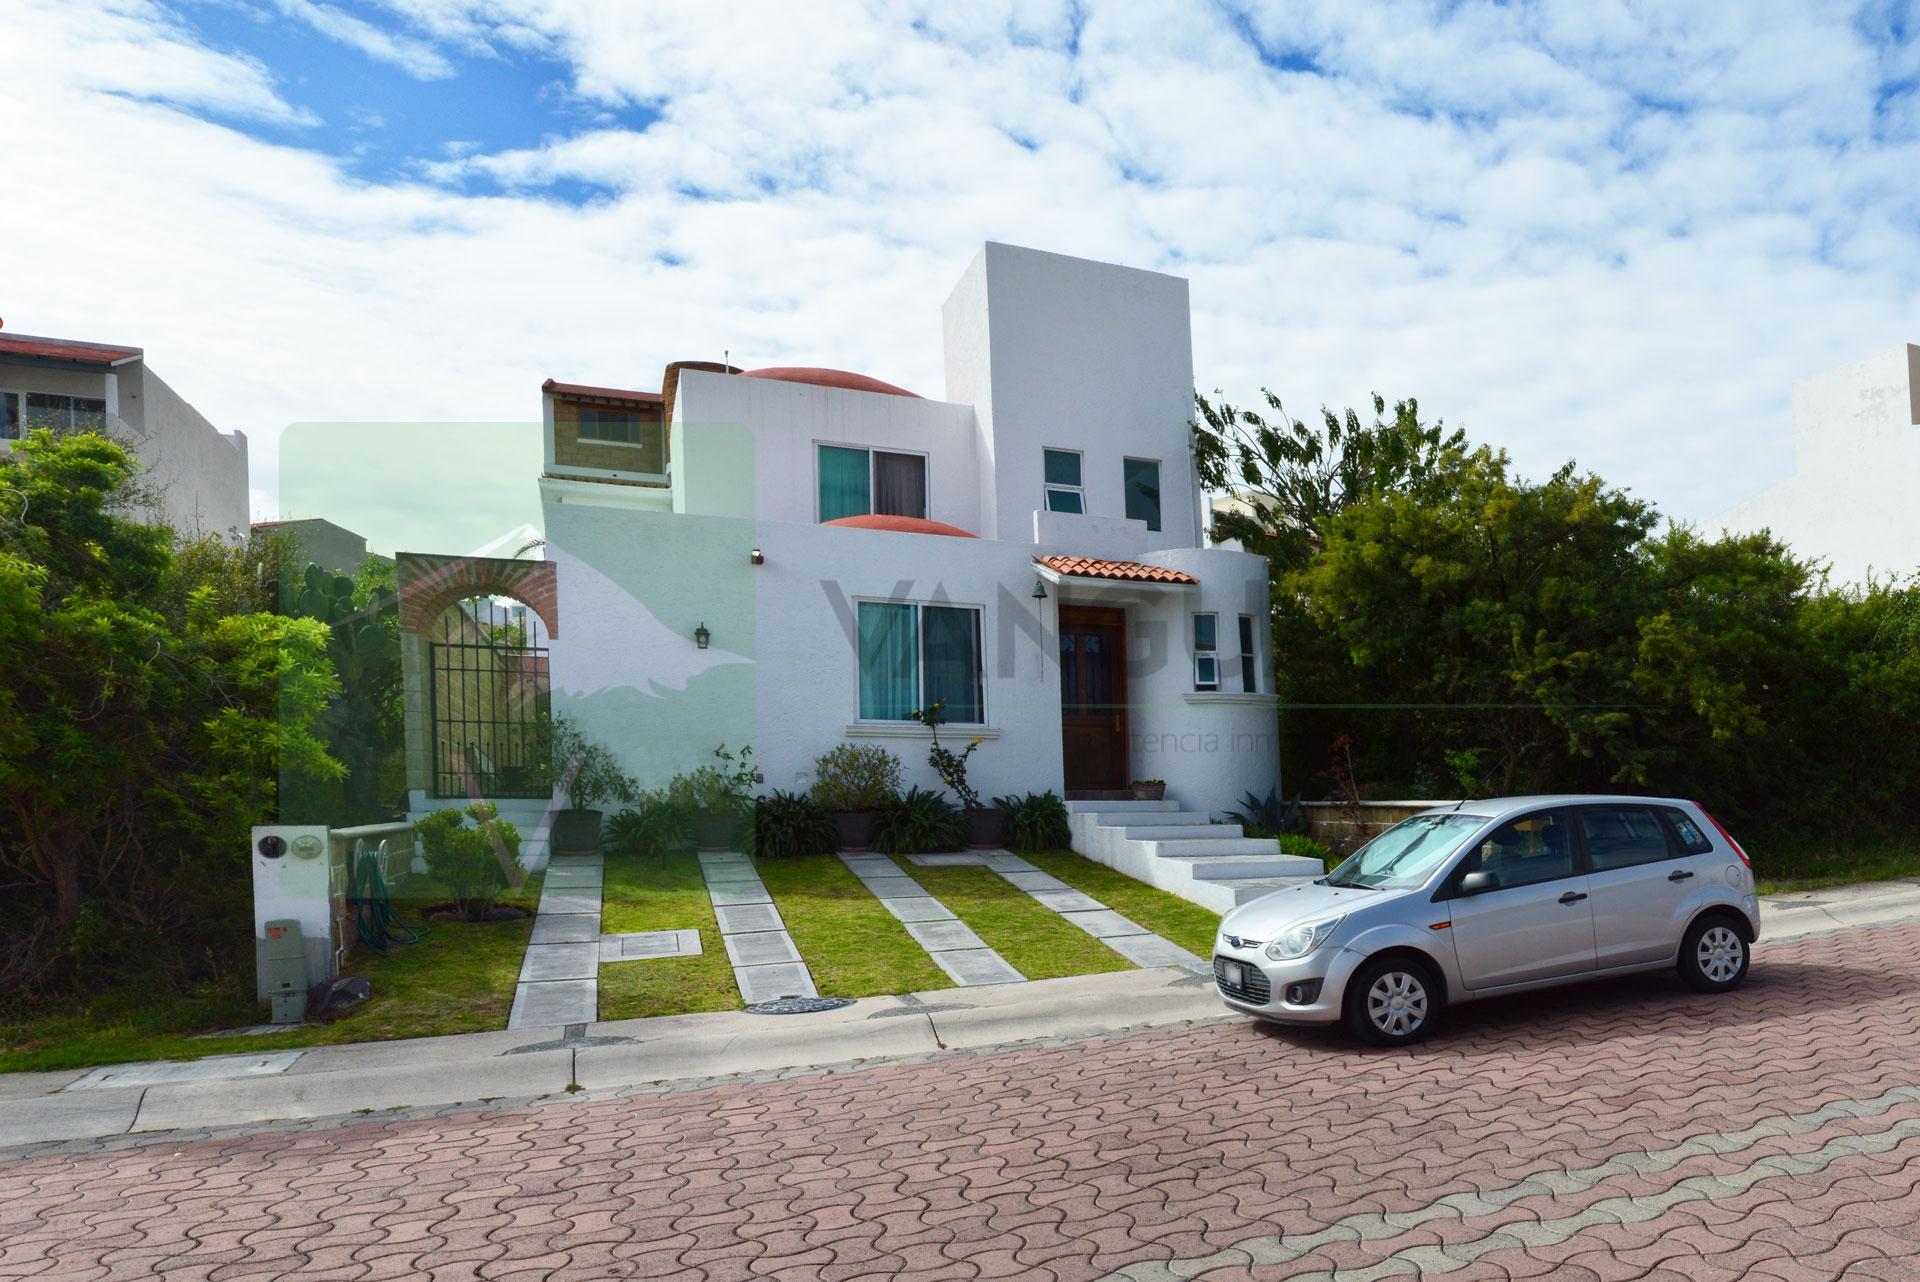 Bonita y confortable casa estilo colonial con 3 habitaciones y amplio jardín. – Querétaro   Cumbres Del Cimatario